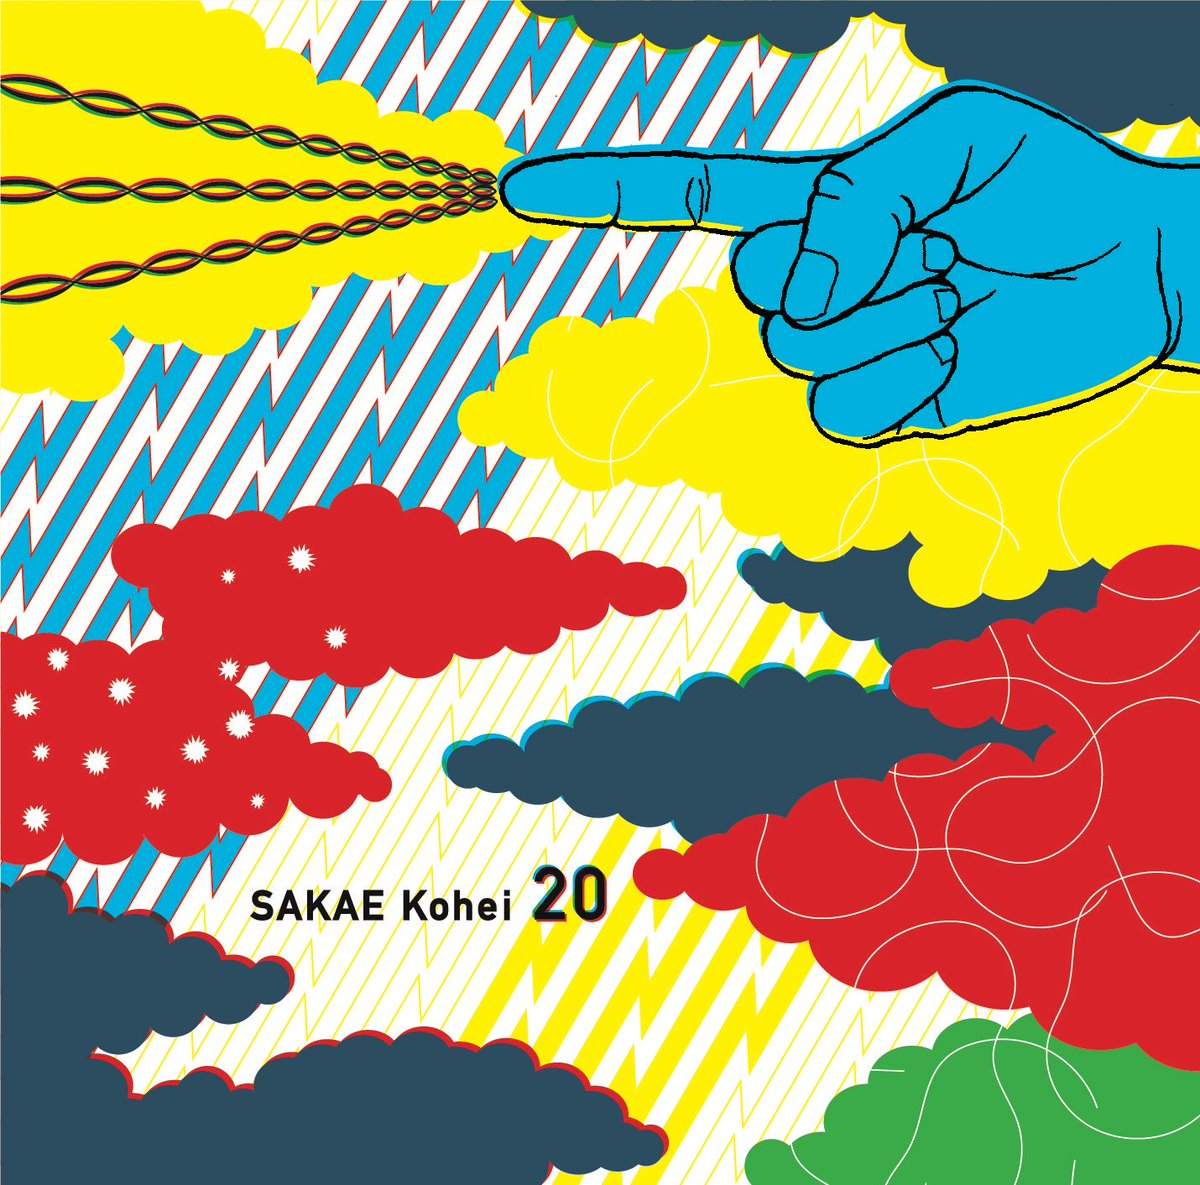 SAKAE Kohei / 20